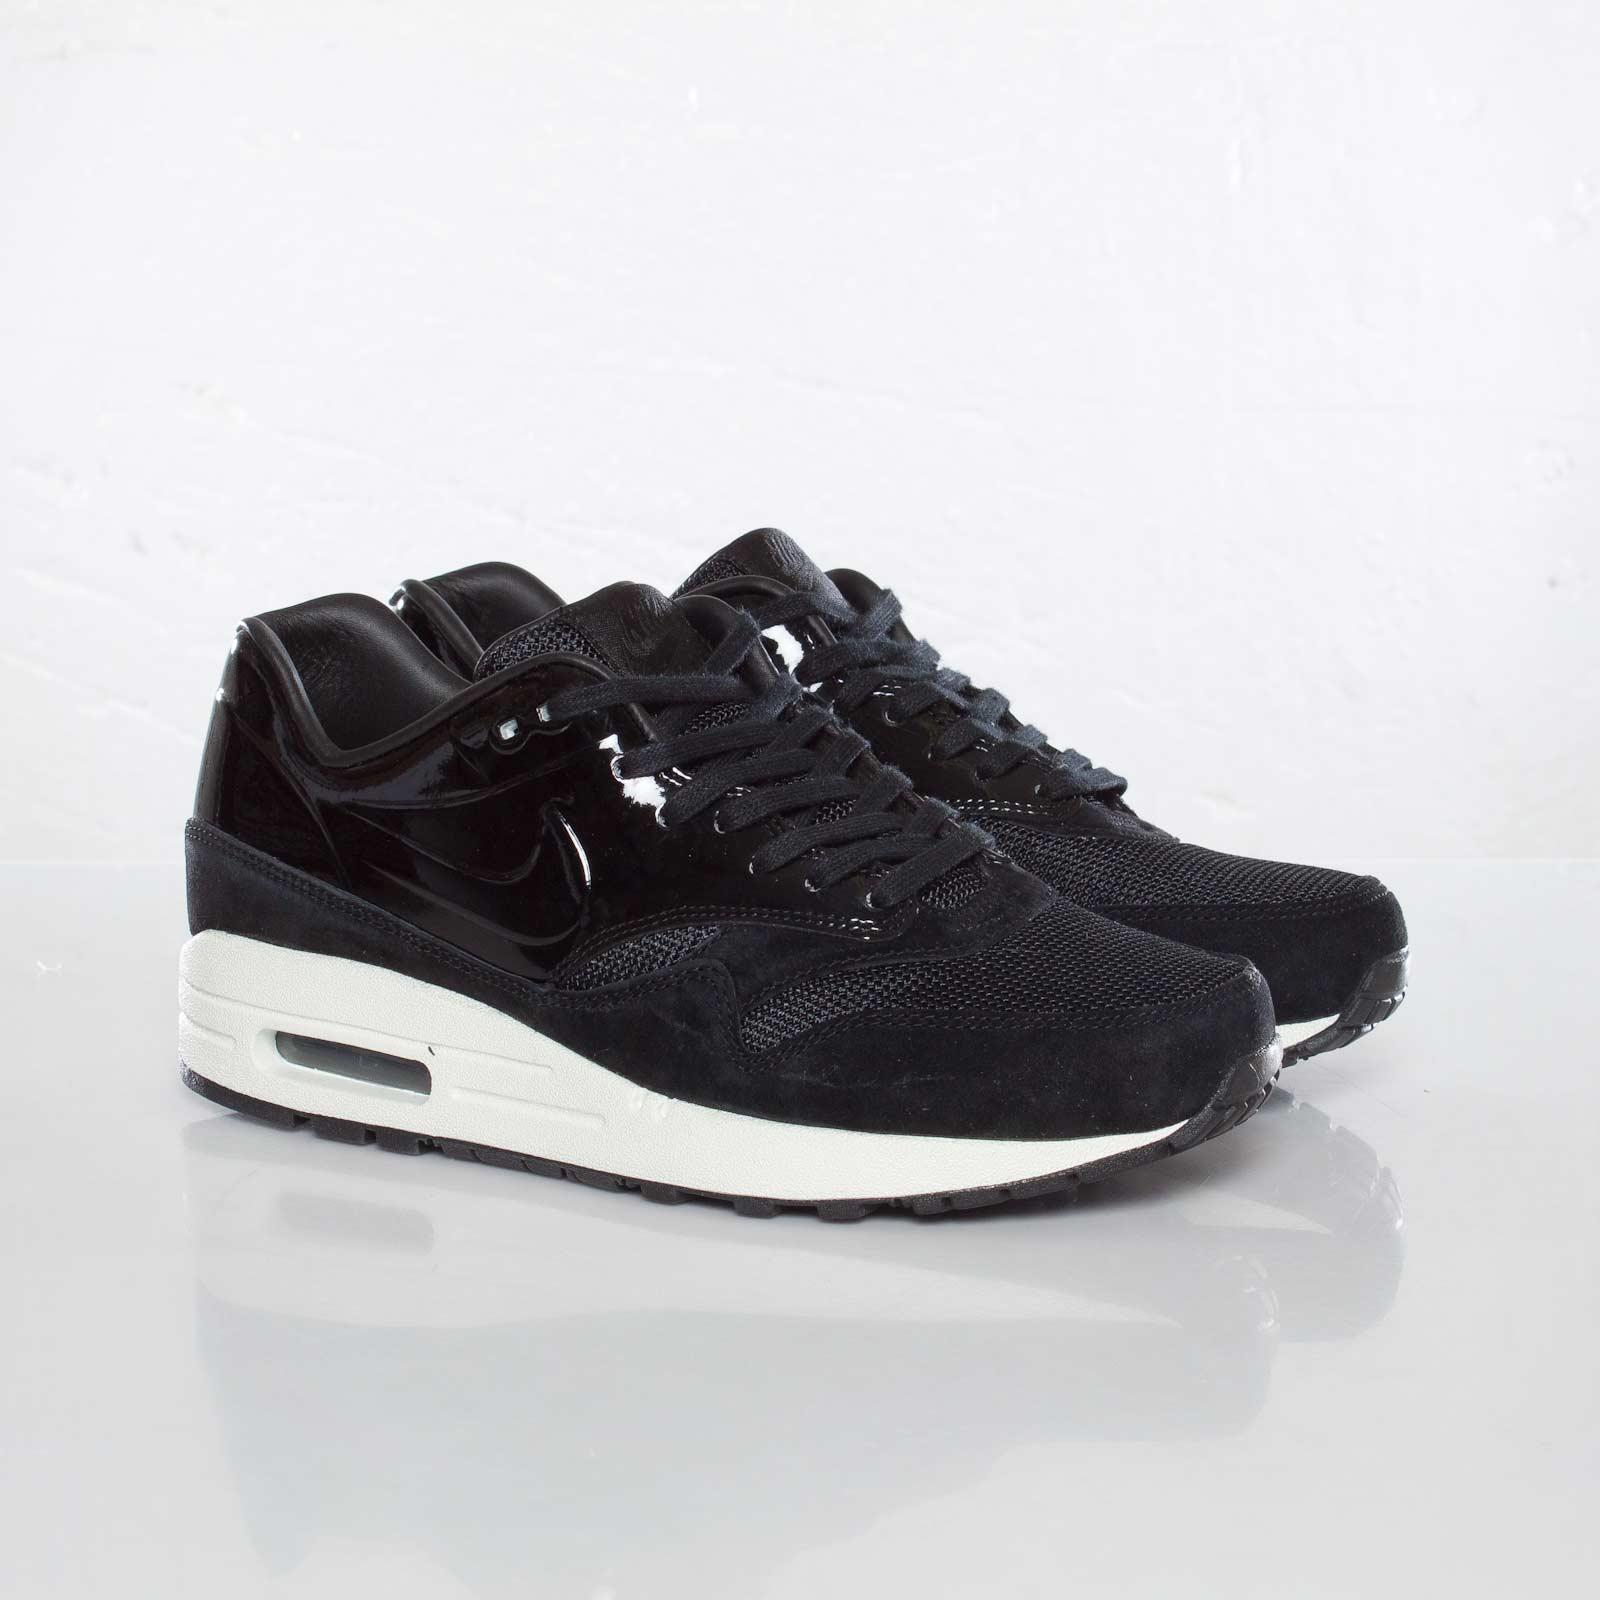 Nike WMNS Air Max 1 VT QS 615868 001